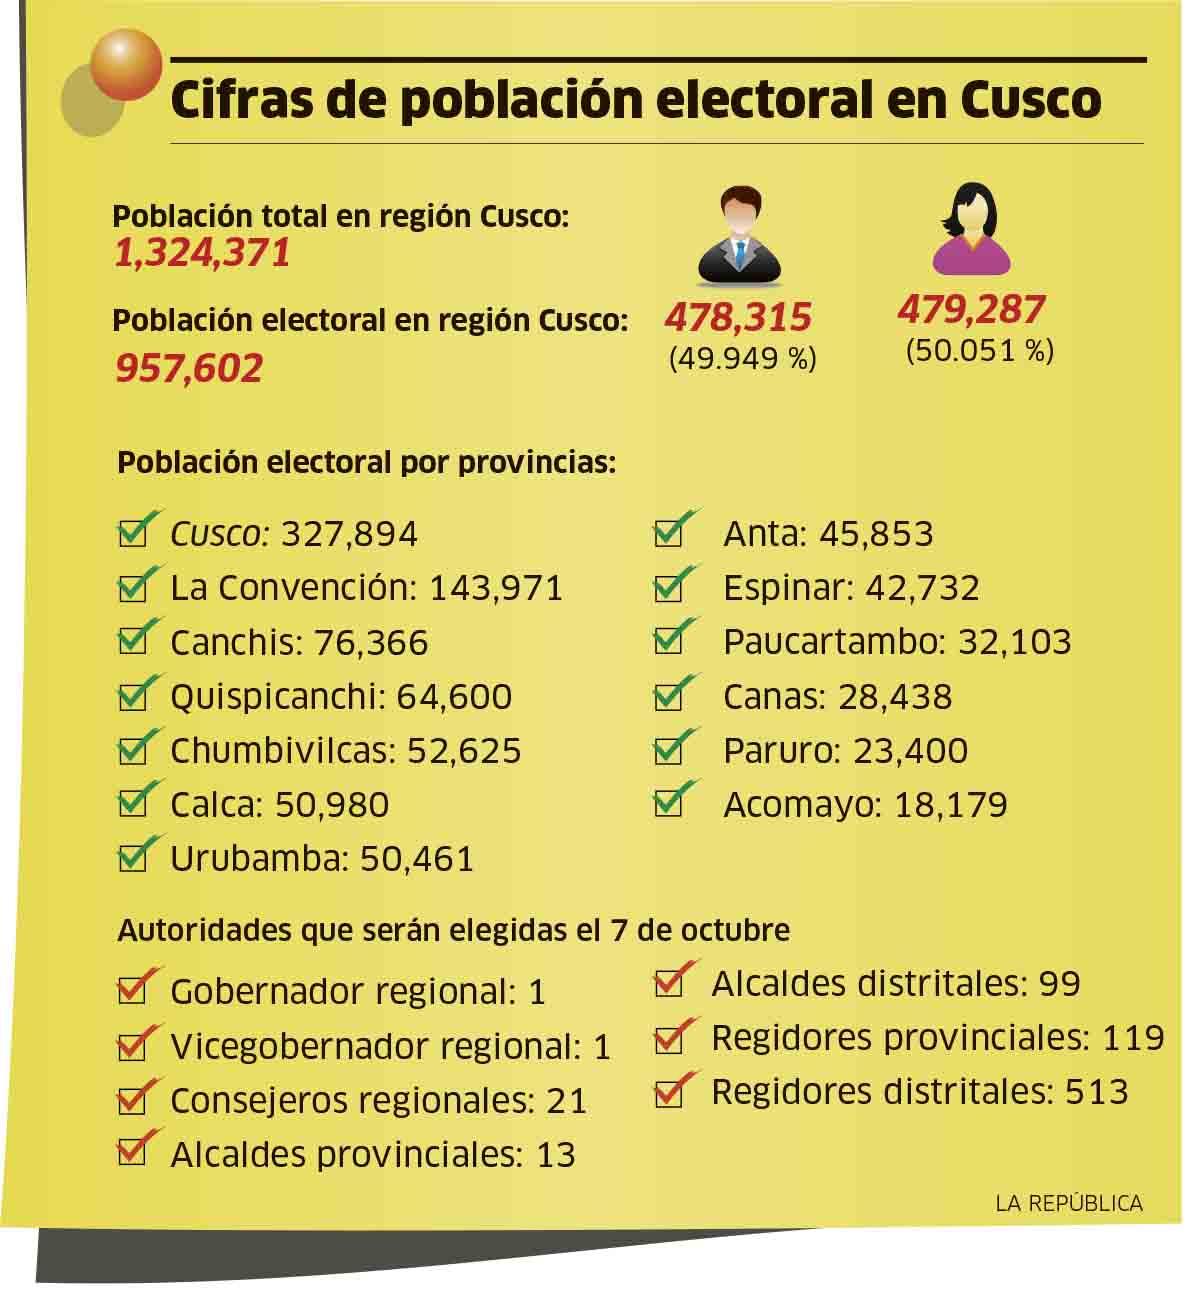 Cifras de la población electoral en Cusco